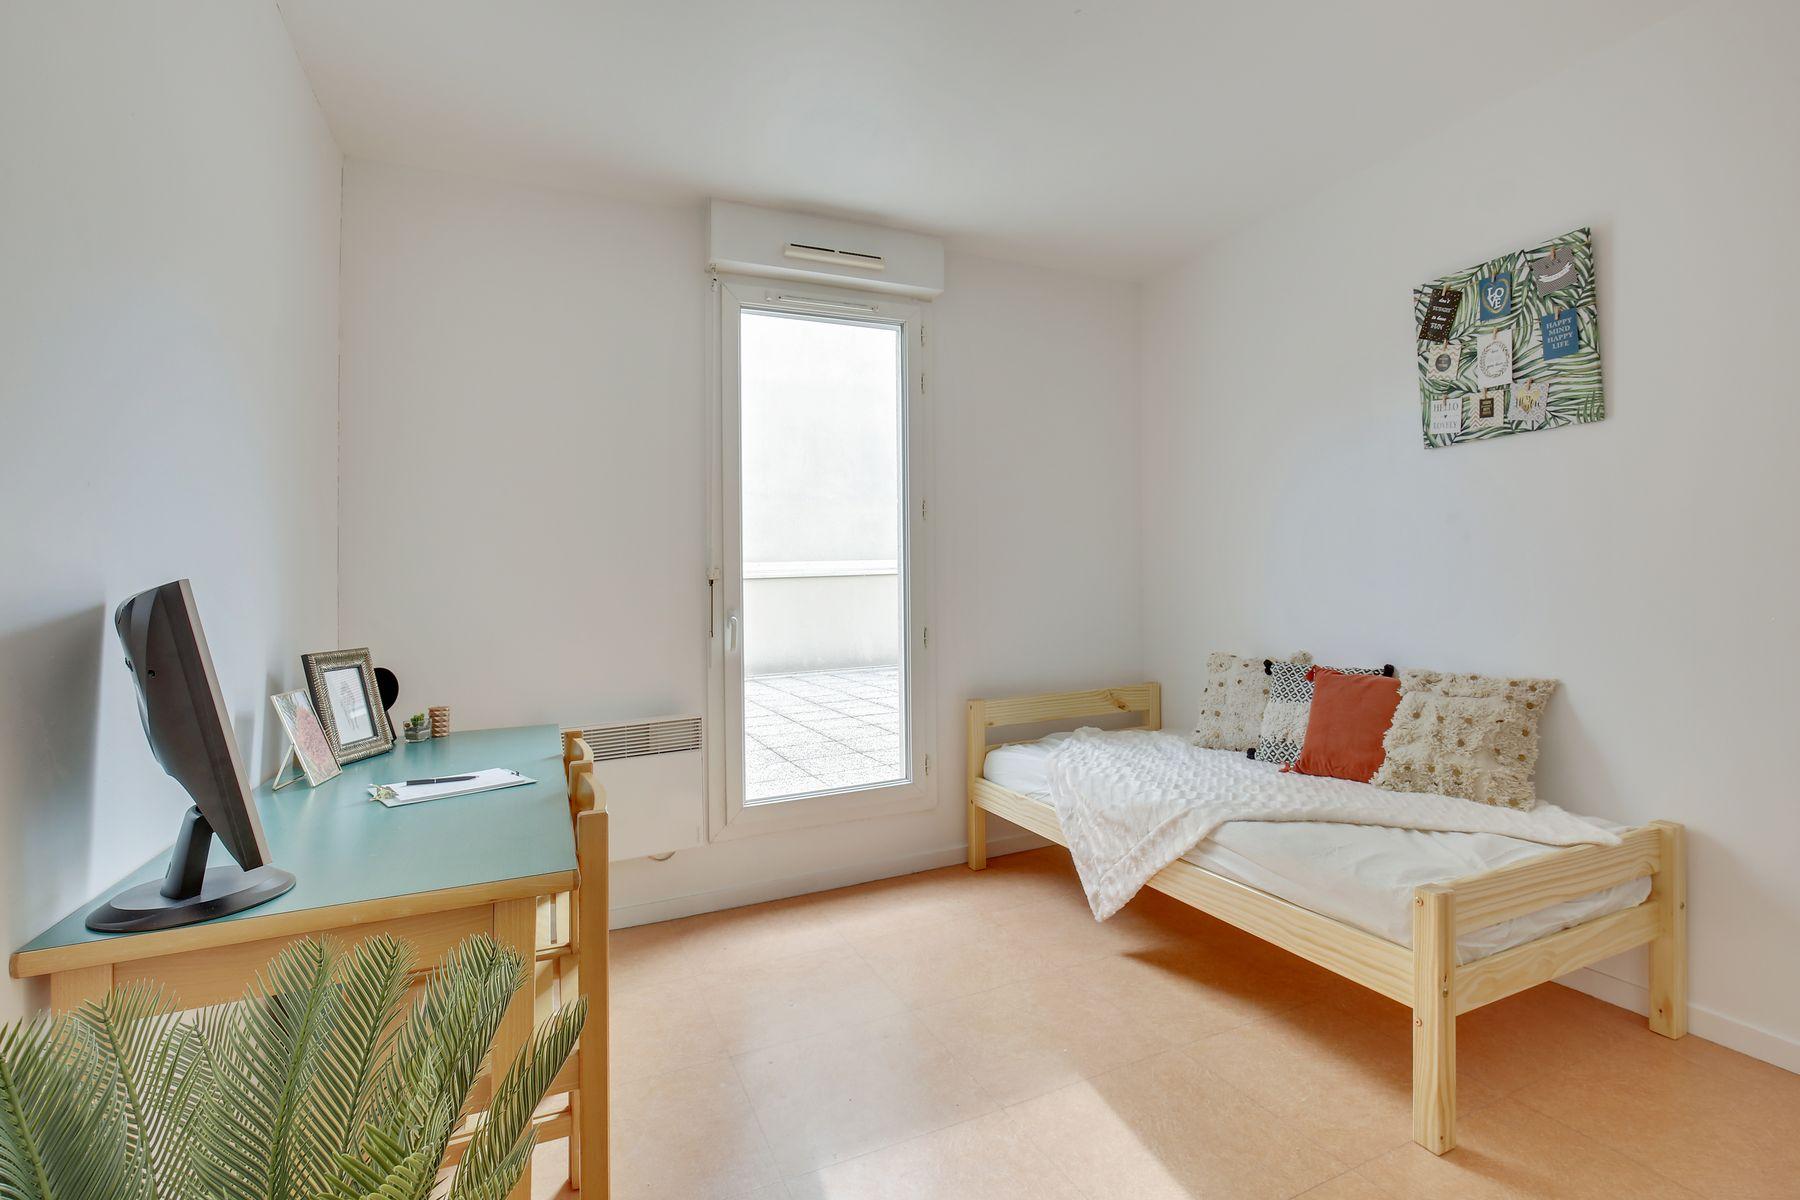 LOGIFAC résidence étudiante Ecrivains Carrières sur seine lit et bureau